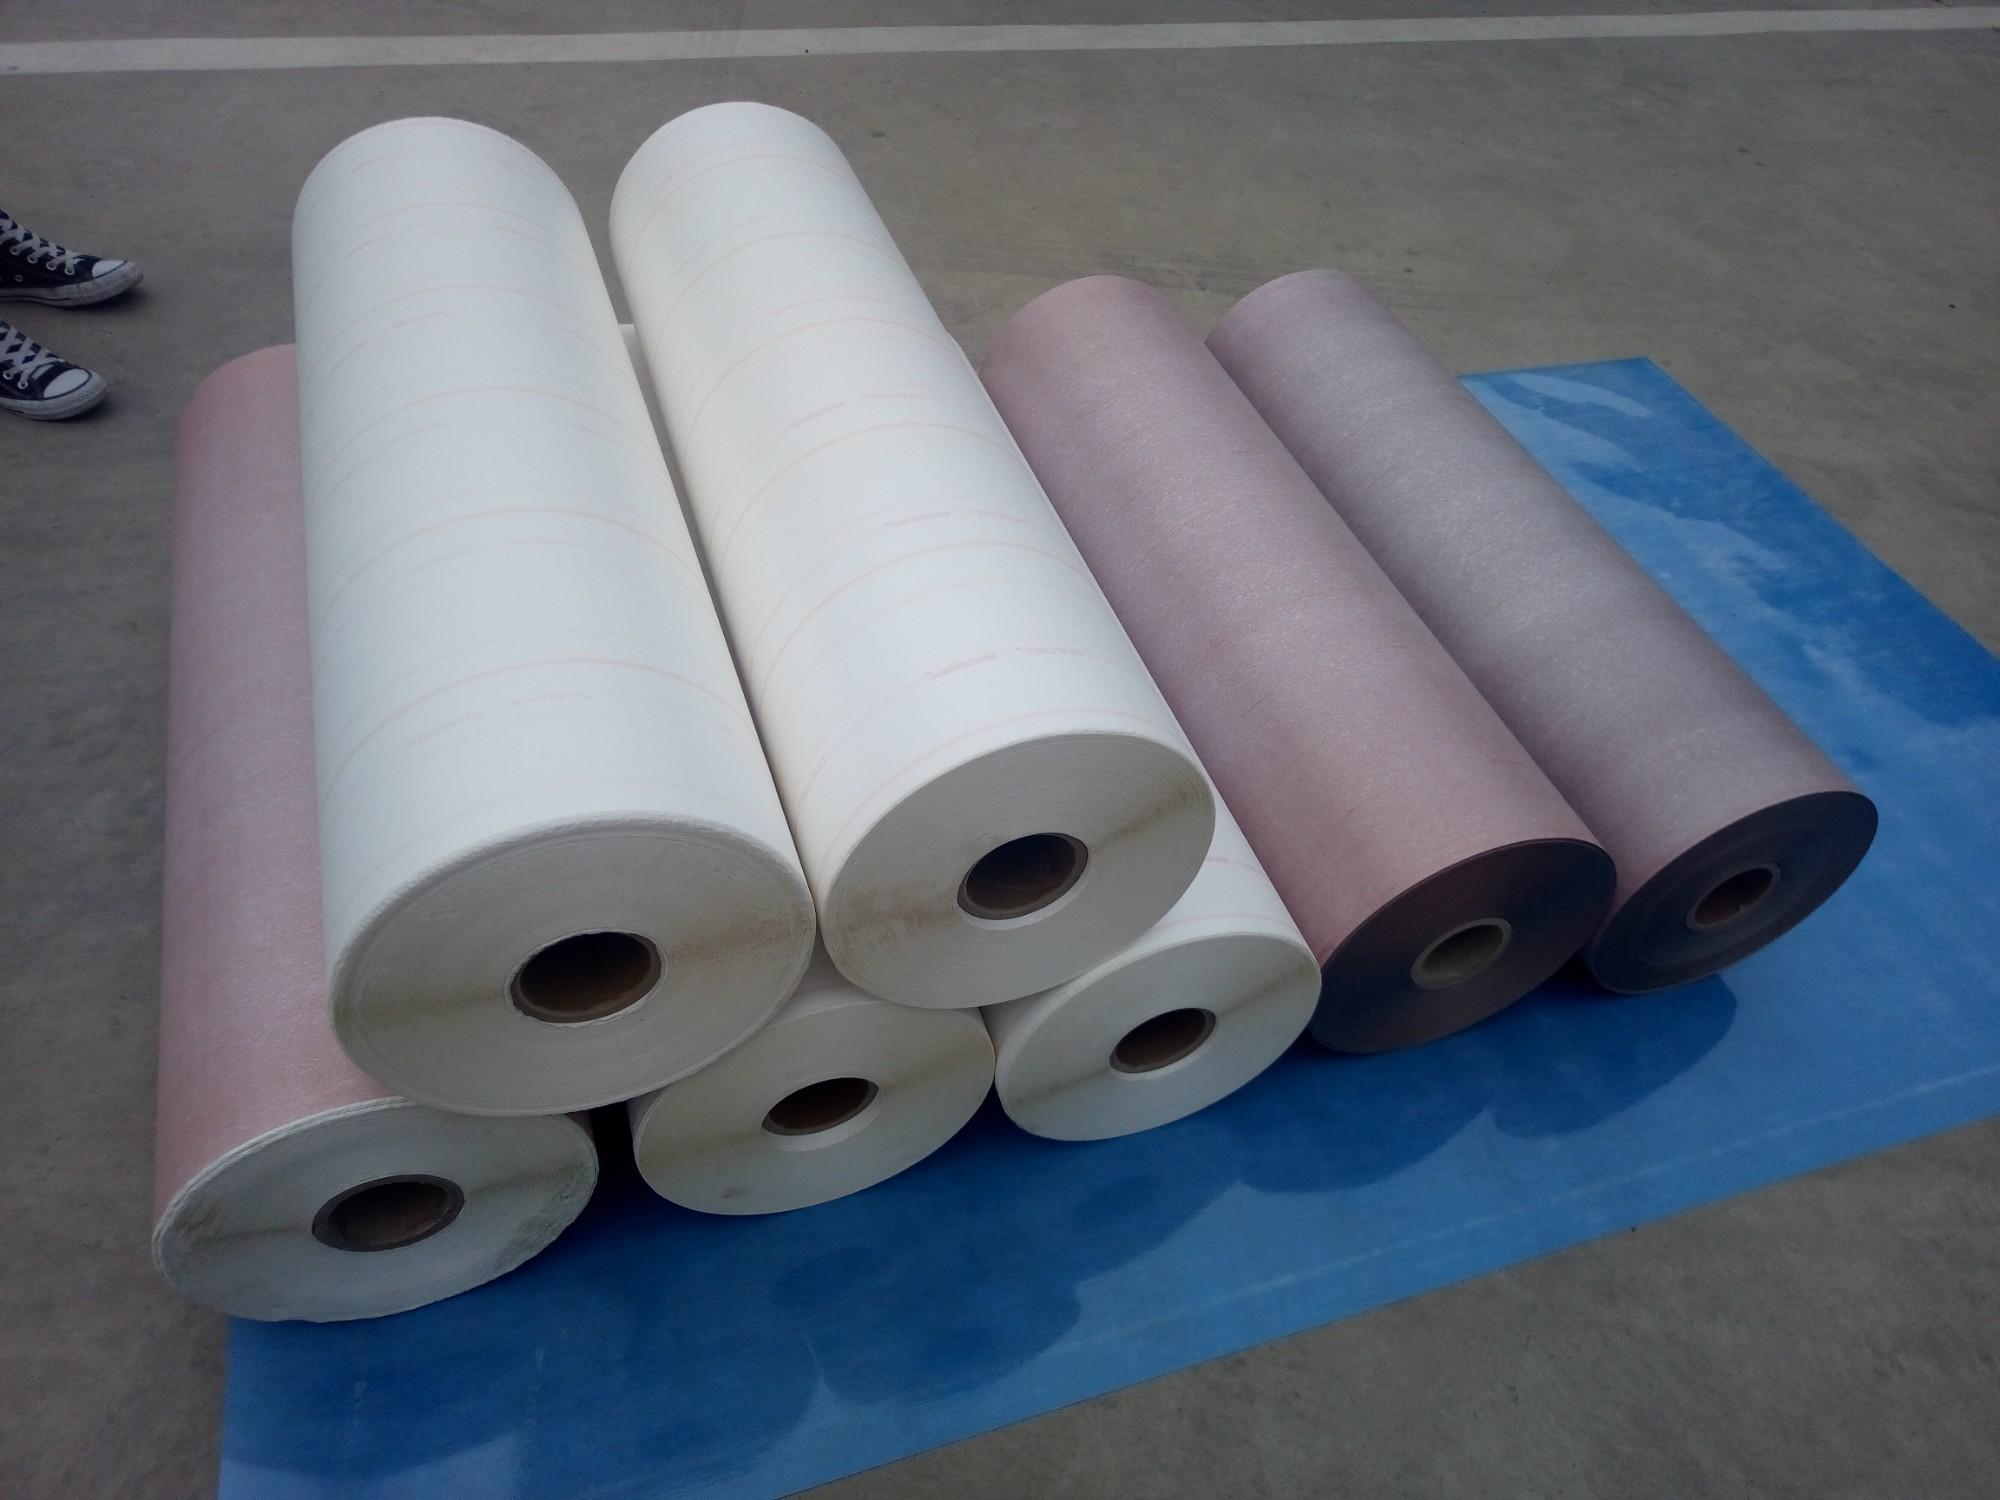 Cumpărați Înaltă proprietate 6650 Nomex izolatoare Hârtie NKN flexibile Stratificate,Înaltă proprietate 6650 Nomex izolatoare Hârtie NKN flexibile Stratificate Preț,Înaltă proprietate 6650 Nomex izolatoare Hârtie NKN flexibile Stratificate Marci,Înaltă proprietate 6650 Nomex izolatoare Hârtie NKN flexibile Stratificate Producător,Înaltă proprietate 6650 Nomex izolatoare Hârtie NKN flexibile Stratificate Citate,Înaltă proprietate 6650 Nomex izolatoare Hârtie NKN flexibile Stratificate Companie